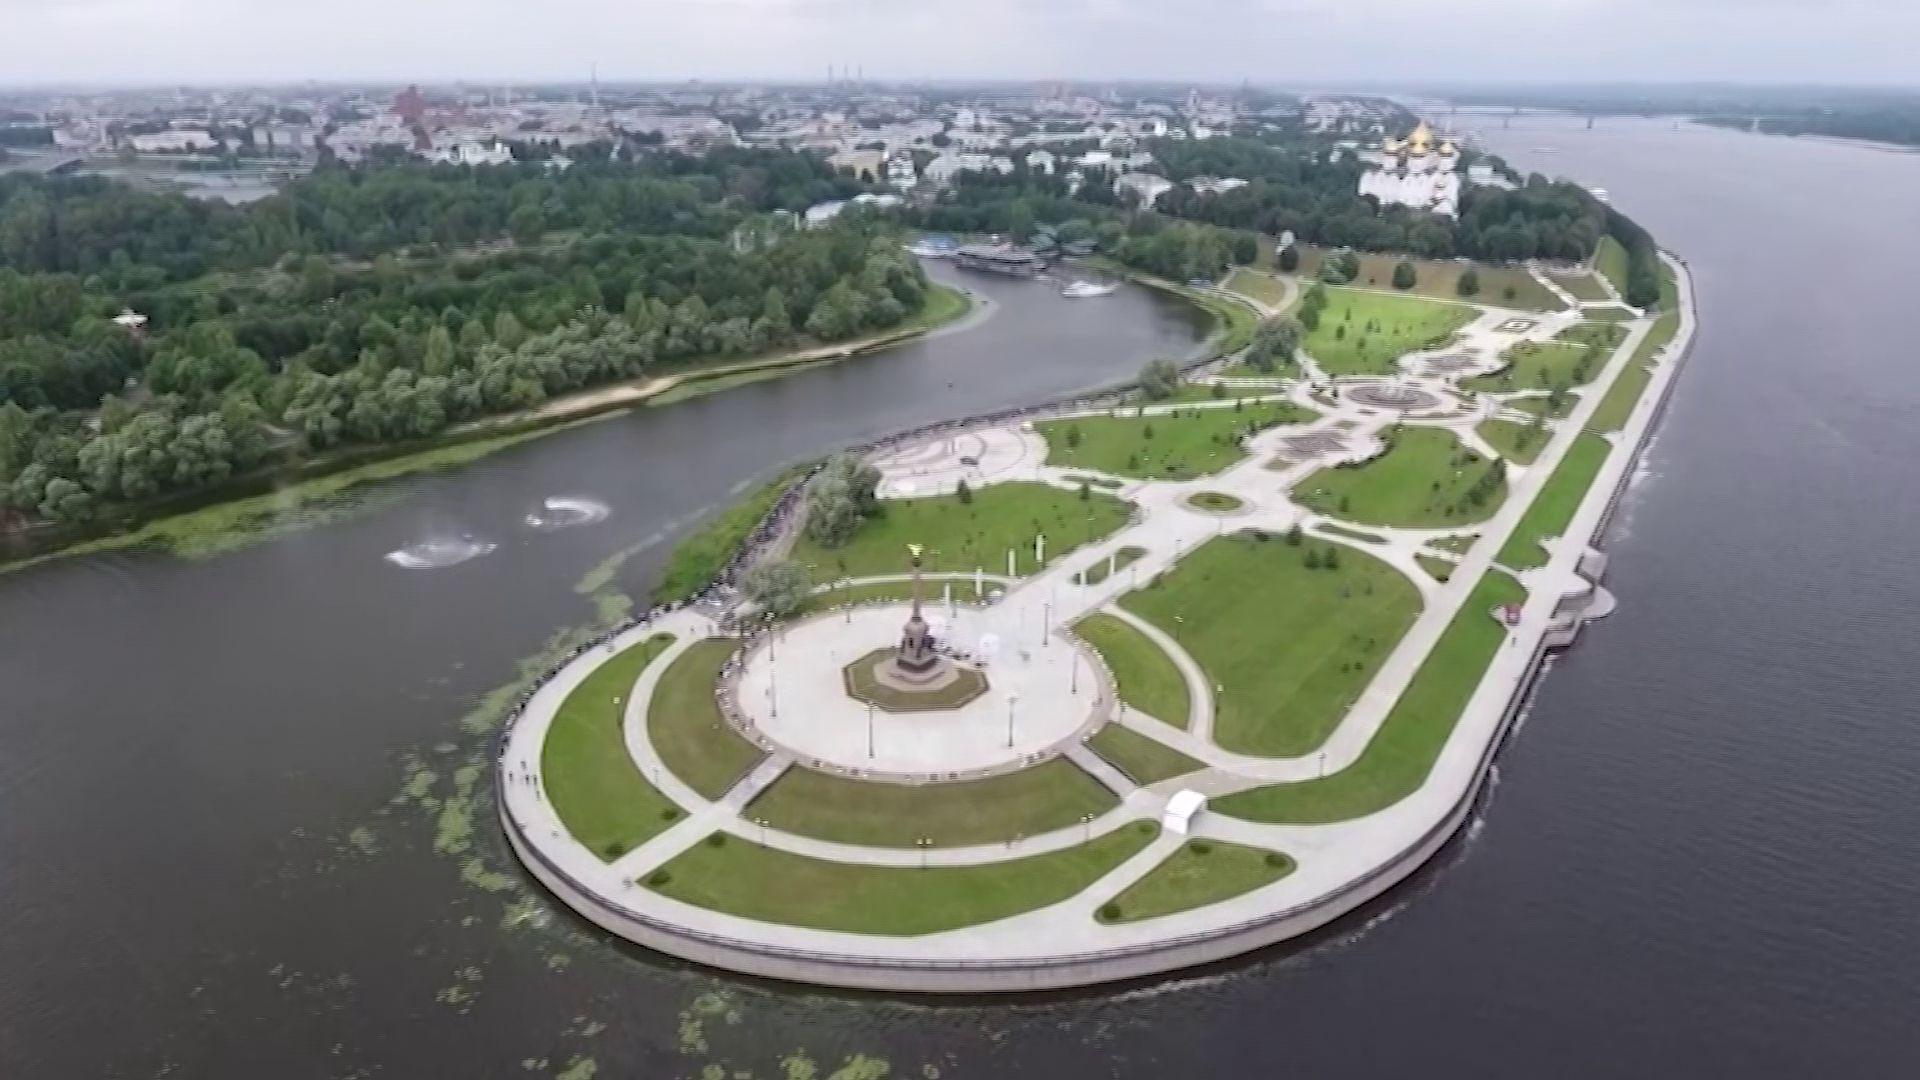 Турмаршрут по столице «Золотого кольца» теперь можно спланировать онлайн